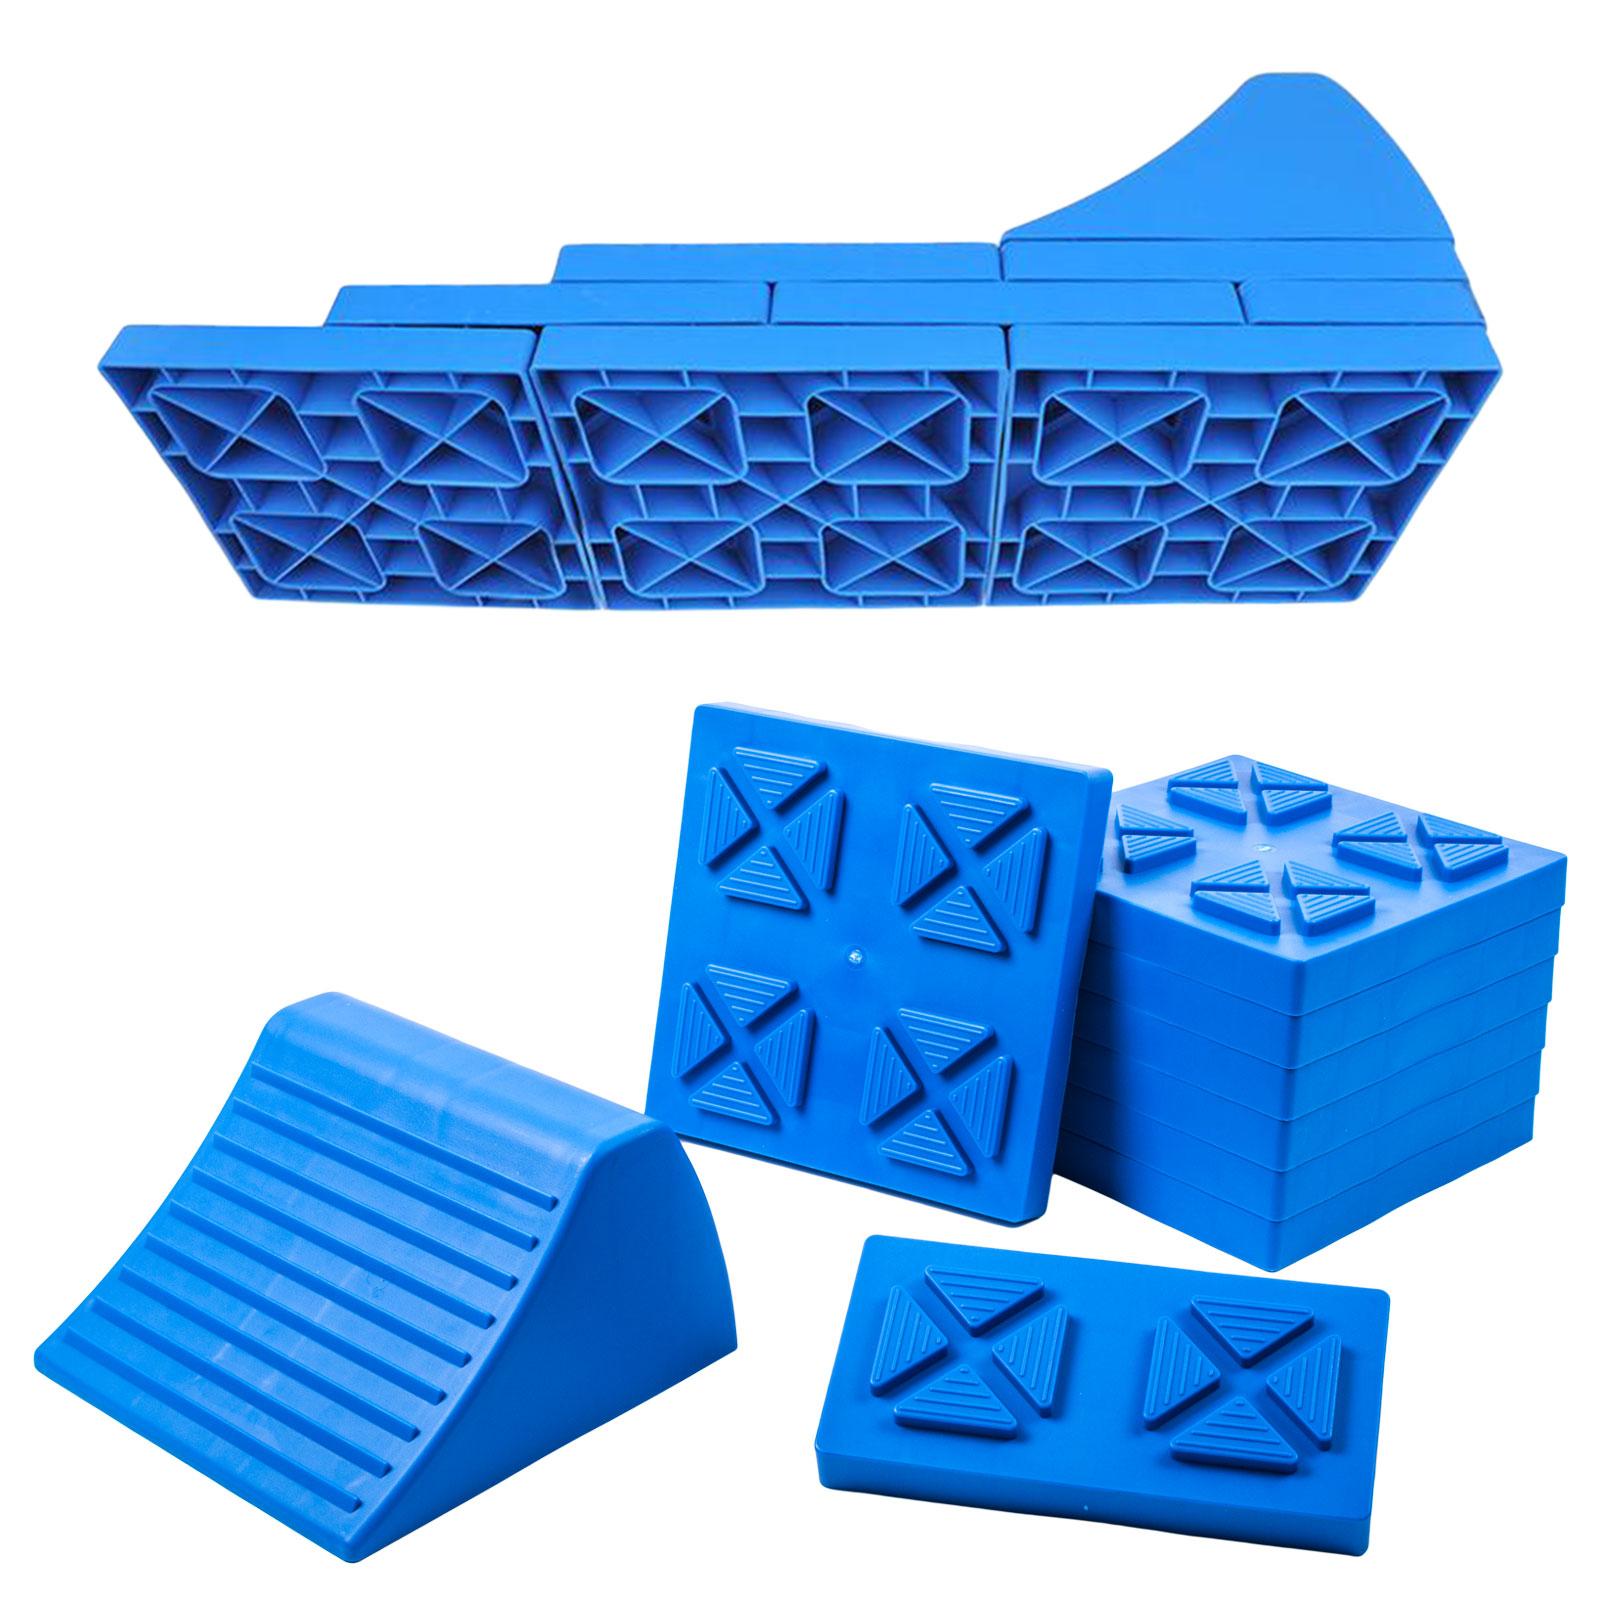 ProPlus Multifunktions Auffahrkeil/Unterlegplatten, Achslast 5t, blau